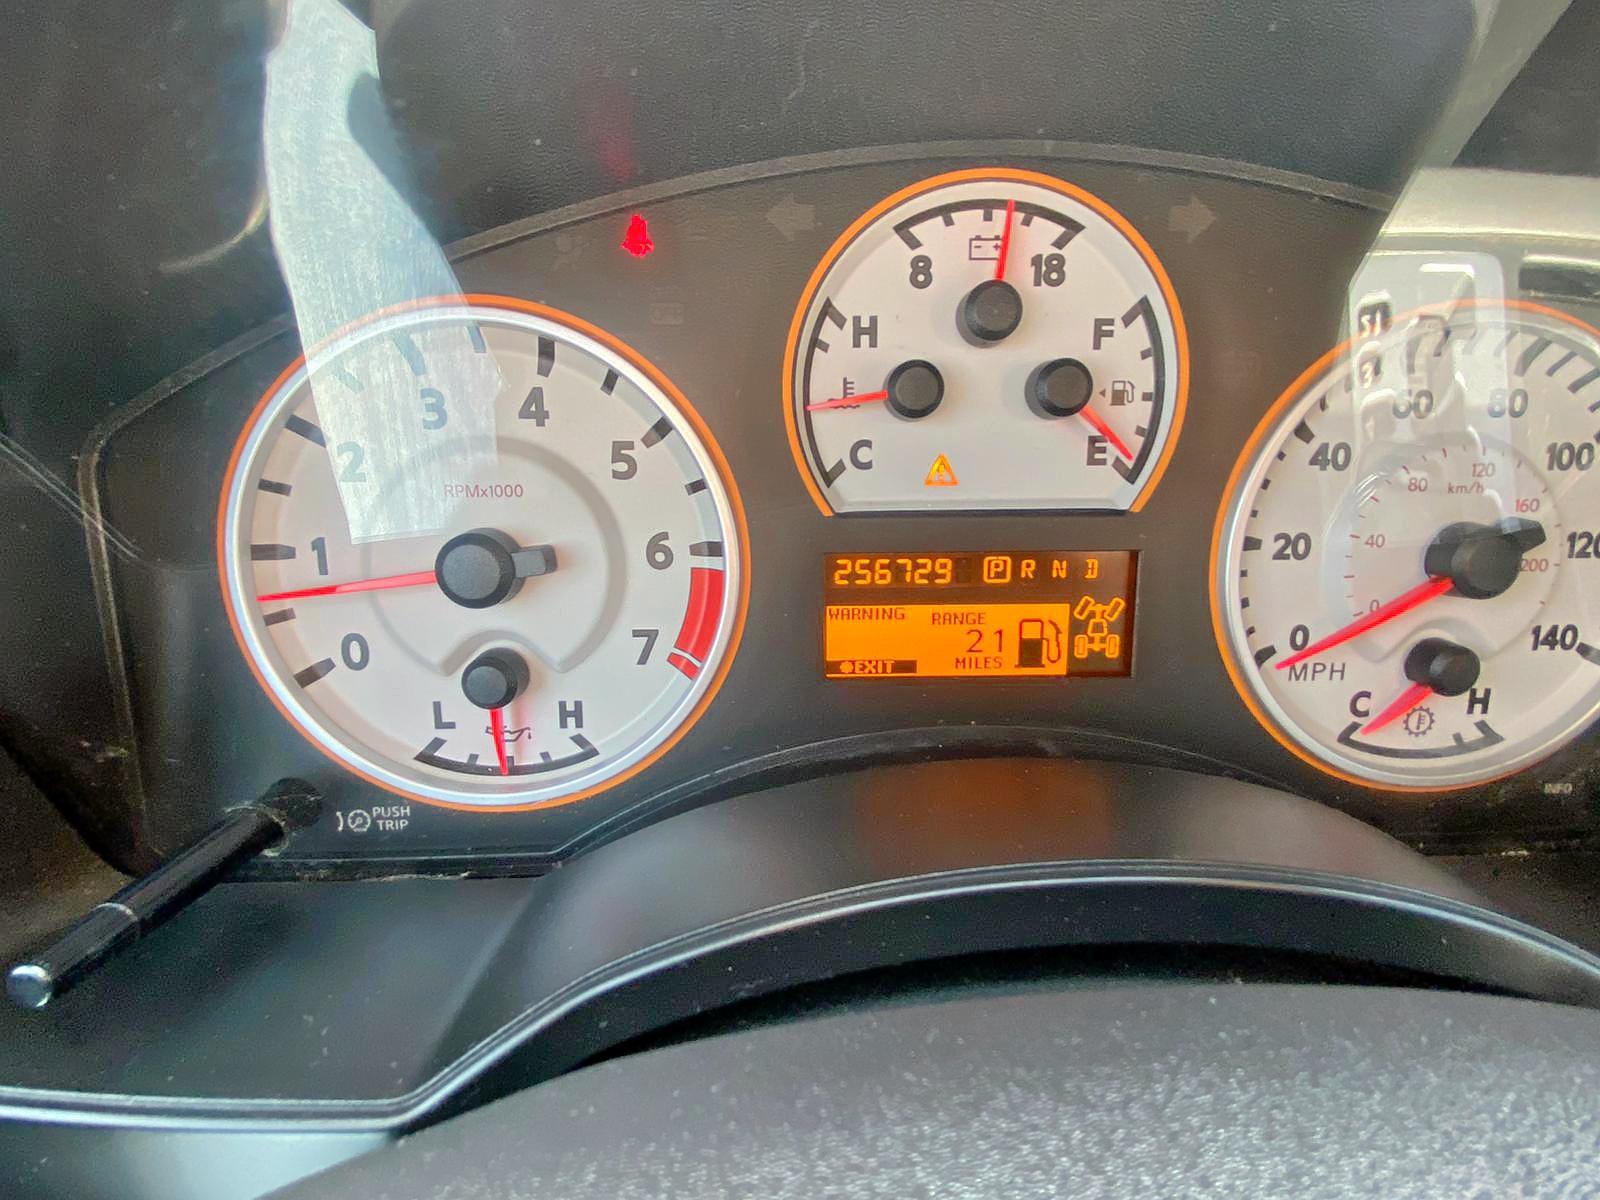 1N6AA0EJ9CN311613 - 2012 Nissan Titan S 5.6L front view